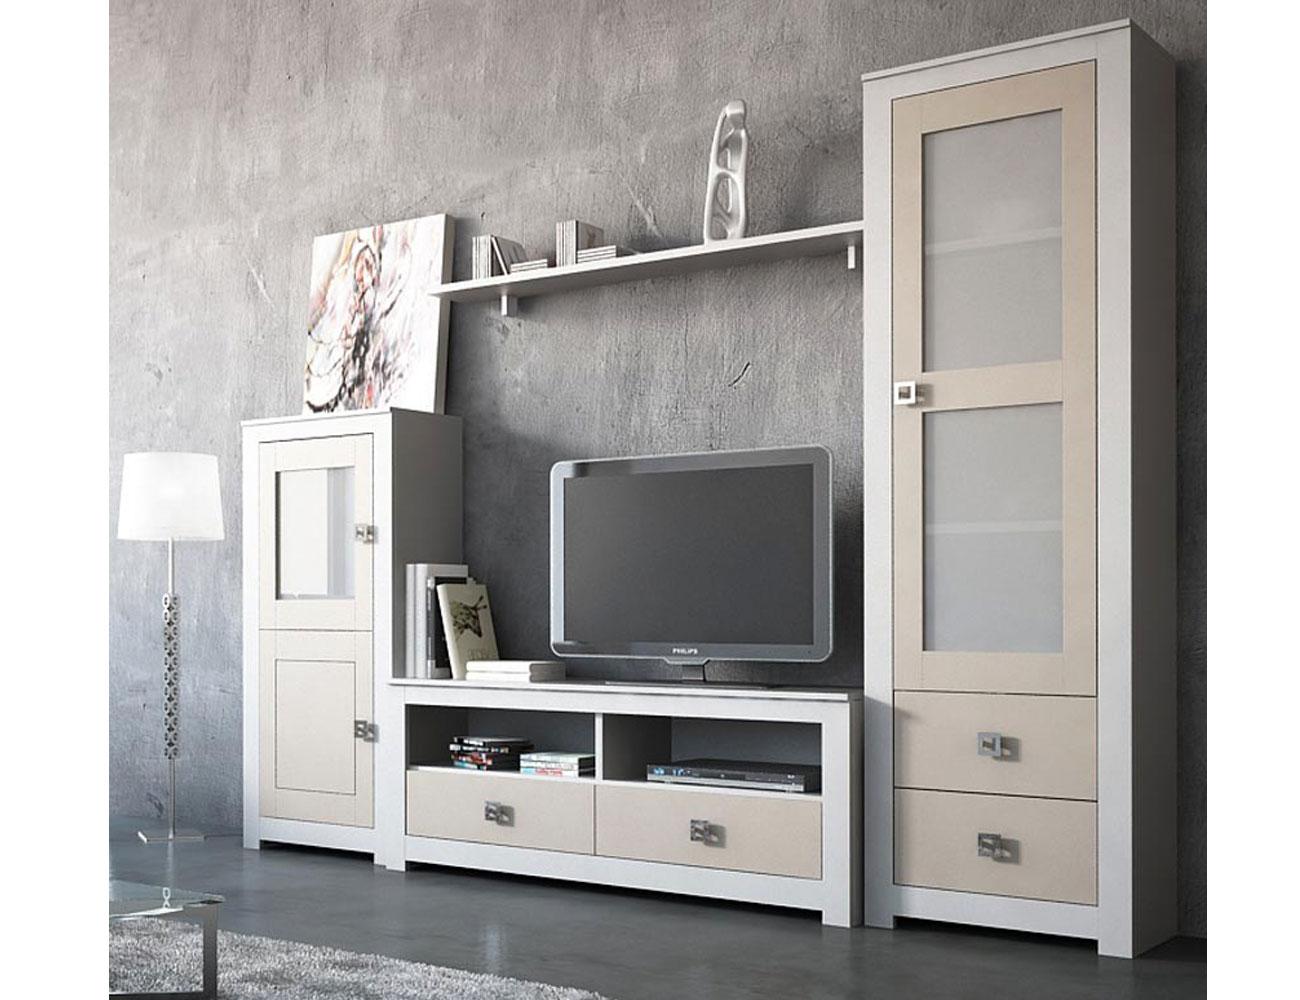 Muebles salon comedor lacado blanco piedra bodeguero 2 puertas1